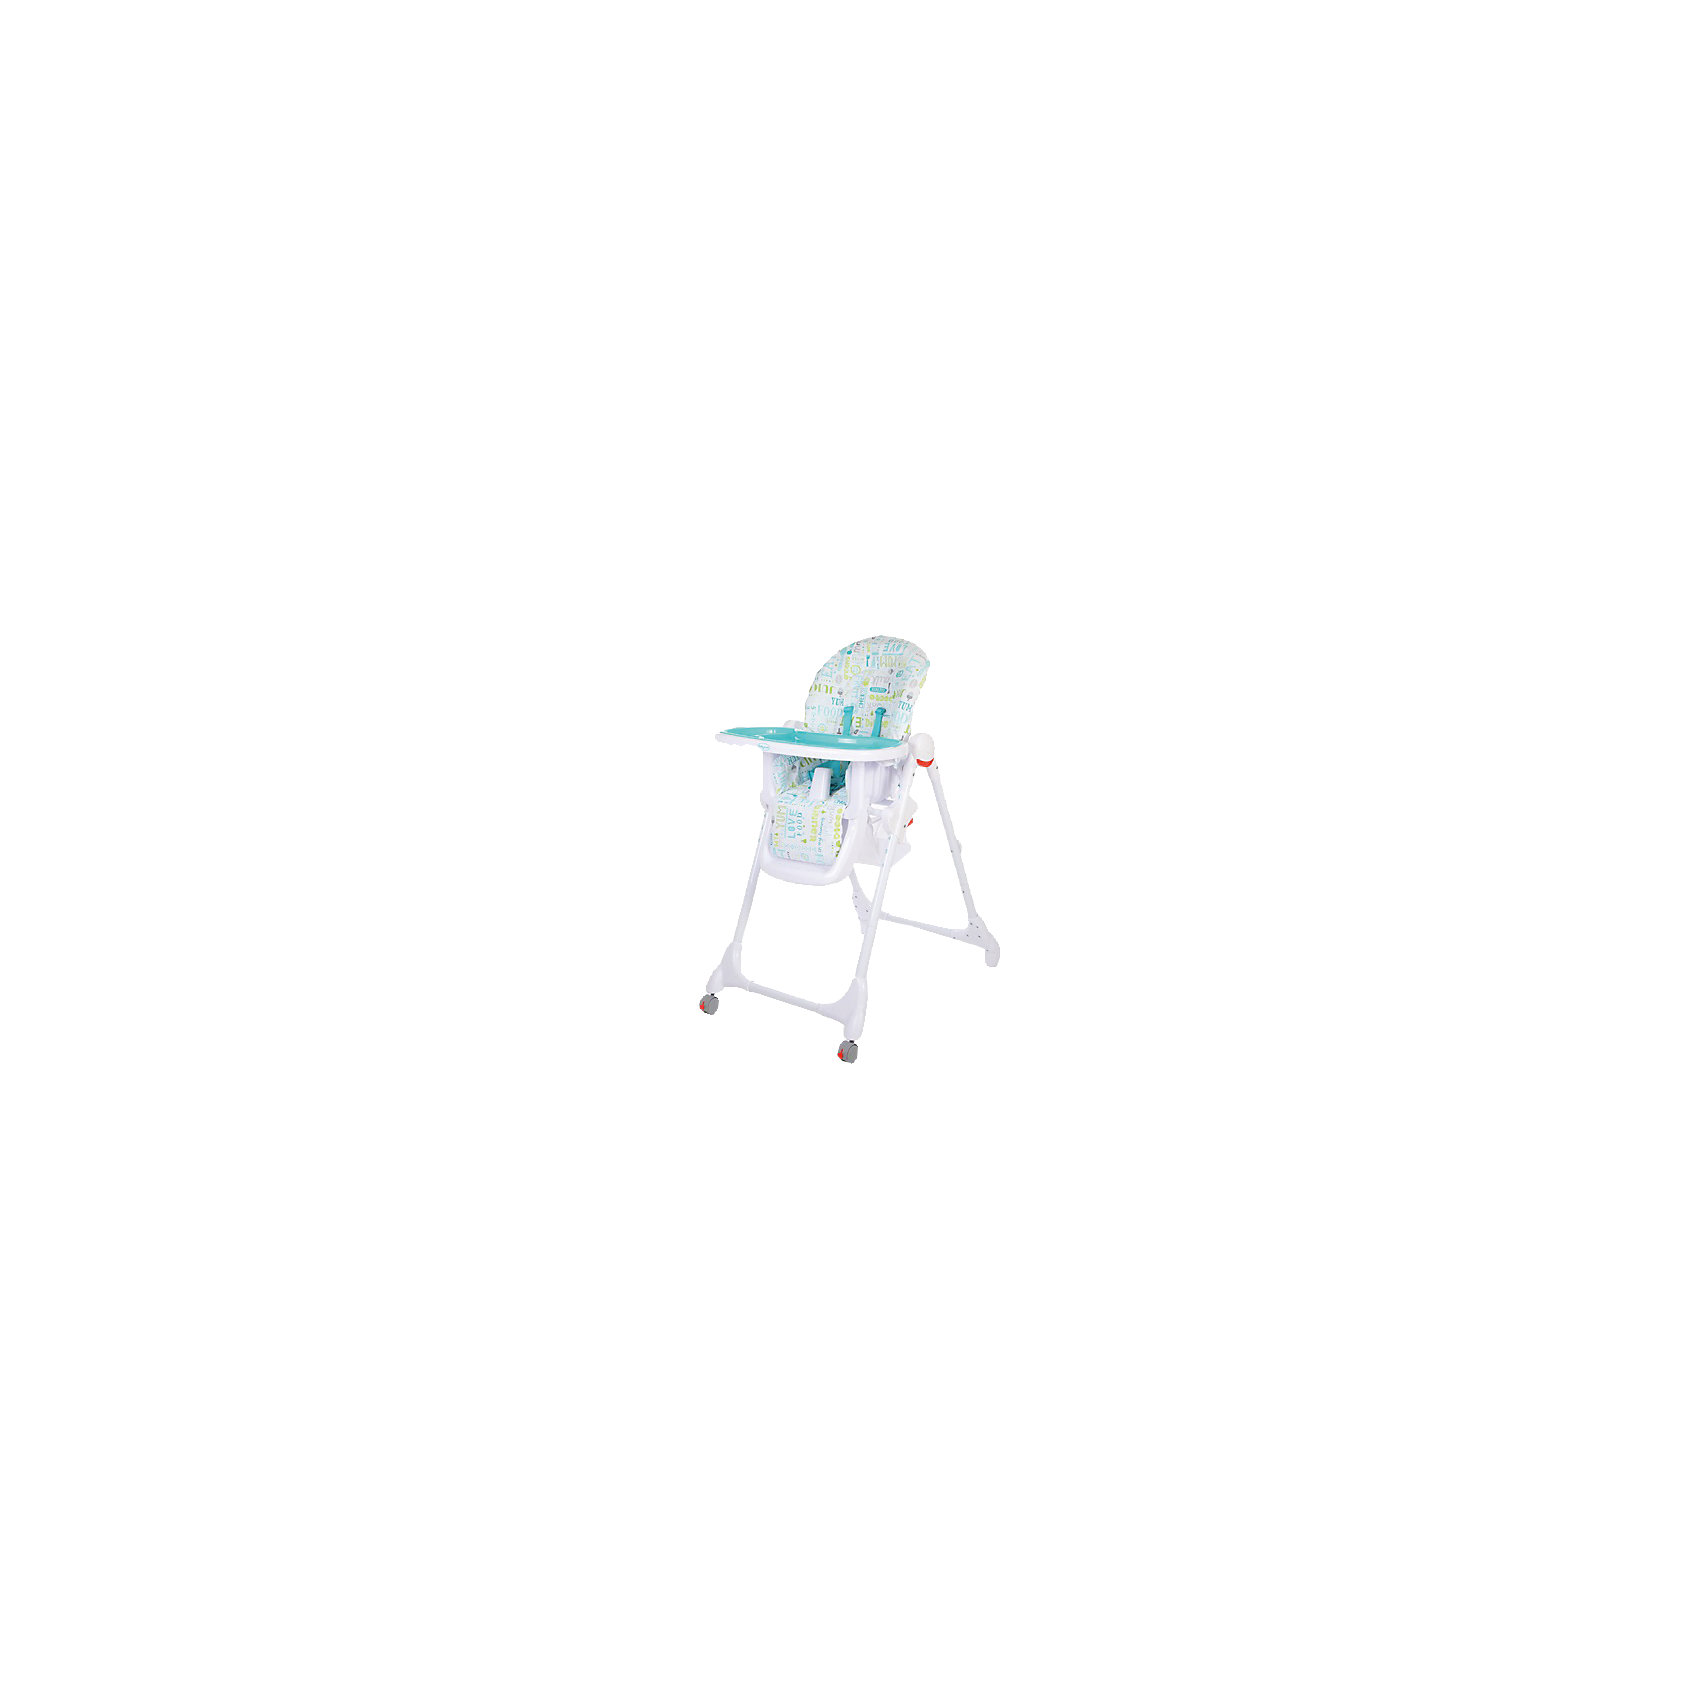 Стульчик для кормления Fiesta, Baby Care, голубойХарактеристики детского стульчика для кормления Baby Care Fiesta:<br><br>• регулируемая высота сиденья: 6 уровней;<br>• регулируемый наклон спинки: 3 положения;<br>• регулируемая глубина столешницы: 3 положения;<br>• пластиковая нерегулируемая подножка;<br>• наличие 5-ти точечных ремней безопасности;<br>• пластиковый ограничитель, защита от соскальзывания;<br>• съемная дополнительная столешница, с бортиками и подстаканником, прозрачный пластик;<br>• столик перед ребенком можно снять и убрать;<br>• мягкий чехол, съемный, стирается при температуре 30 градусов;<br>• на задней панели находится сумка-сетка для игрушек;<br>• рама стульчика оснащена колесиками, на передней оси, и стопорами, на задней оси;<br>• компактно складывается, устойчиво стоит в сложенном виде;<br>• материал: алюминий, пластик, полиэстер. <br><br>Пластиковый стульчик Fiesta Baby Care используется от полугода до 6 лет, в зависимости от возраста и роста малыша регулируется высота стульчика, угол наклона спинки, глубина столешницы, наличие/отсутствие столика перед ребенком. Стульчик компактно складывается, не занимает много места в сложенном виде. <br><br>Размеры стульчика Fiesta:<br><br>Размер стульчика в разложенном состоянии: 61х85х100 см<br>Размер стульчика в сложенном состоянии: 61х36х119 см<br>Ширина сиденья: 29,5 см<br>Вес стульчика: 8,2 кг<br>Размер упаковки: 60х32х55 см;<br>Вес в упаковке: 10,5 кг<br><br>Стульчик для кормления Fiesta, Baby Care, голубой можно купить в нашем интернет-магазине.<br><br>Ширина мм: 750<br>Глубина мм: 510<br>Высота мм: 190<br>Вес г: 9200<br>Цвет: голубой<br>Возраст от месяцев: 0<br>Возраст до месяцев: 72<br>Пол: Унисекс<br>Возраст: Детский<br>SKU: 4700999